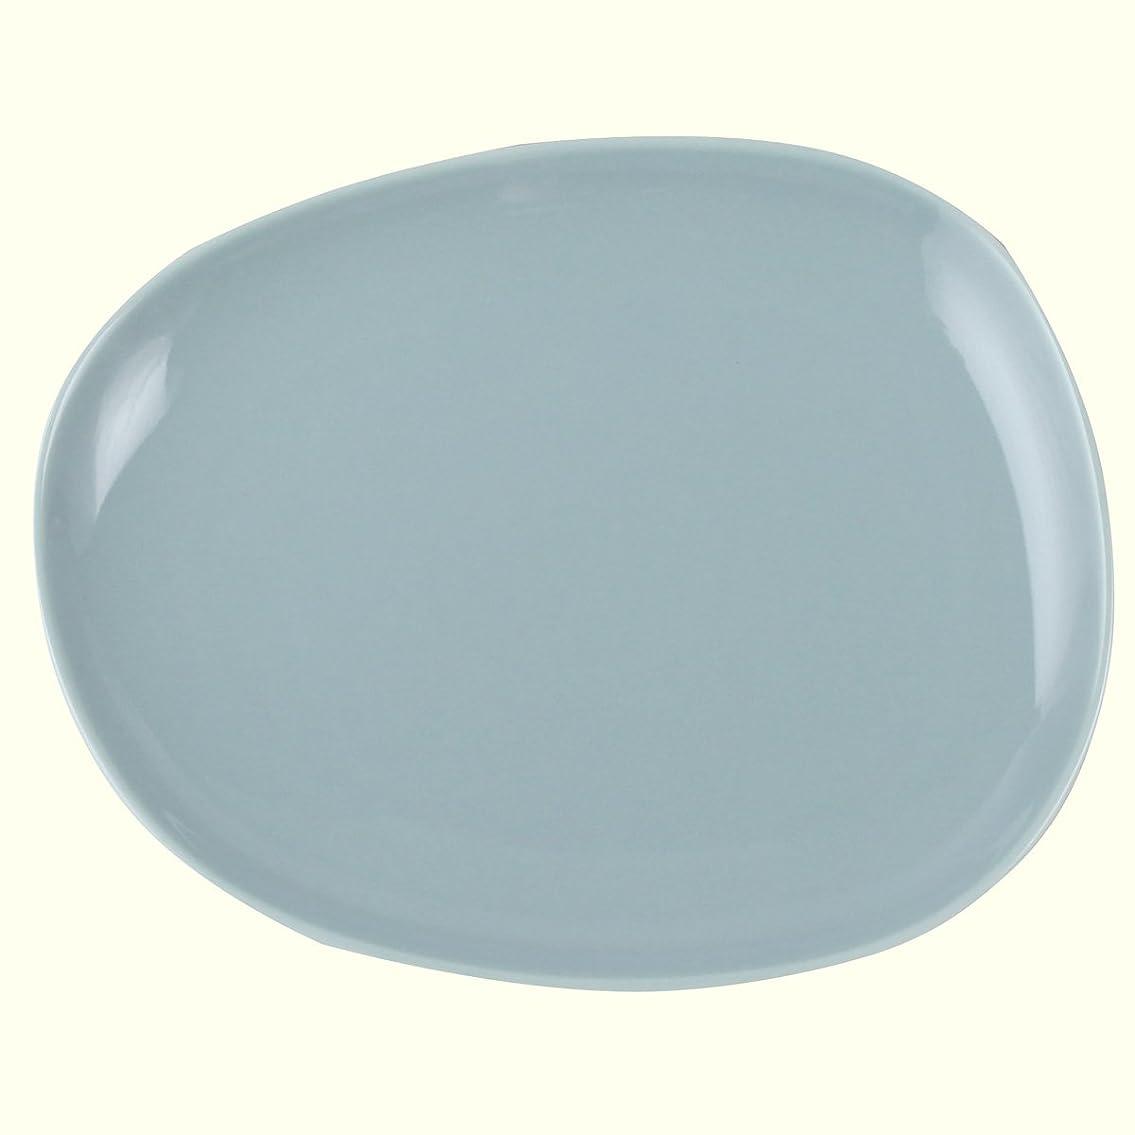 切断するボトルネック制限する白山陶器 プレートM グレイ (約)18×15.5cm  ペトラ PETRA 波佐見焼 日本製